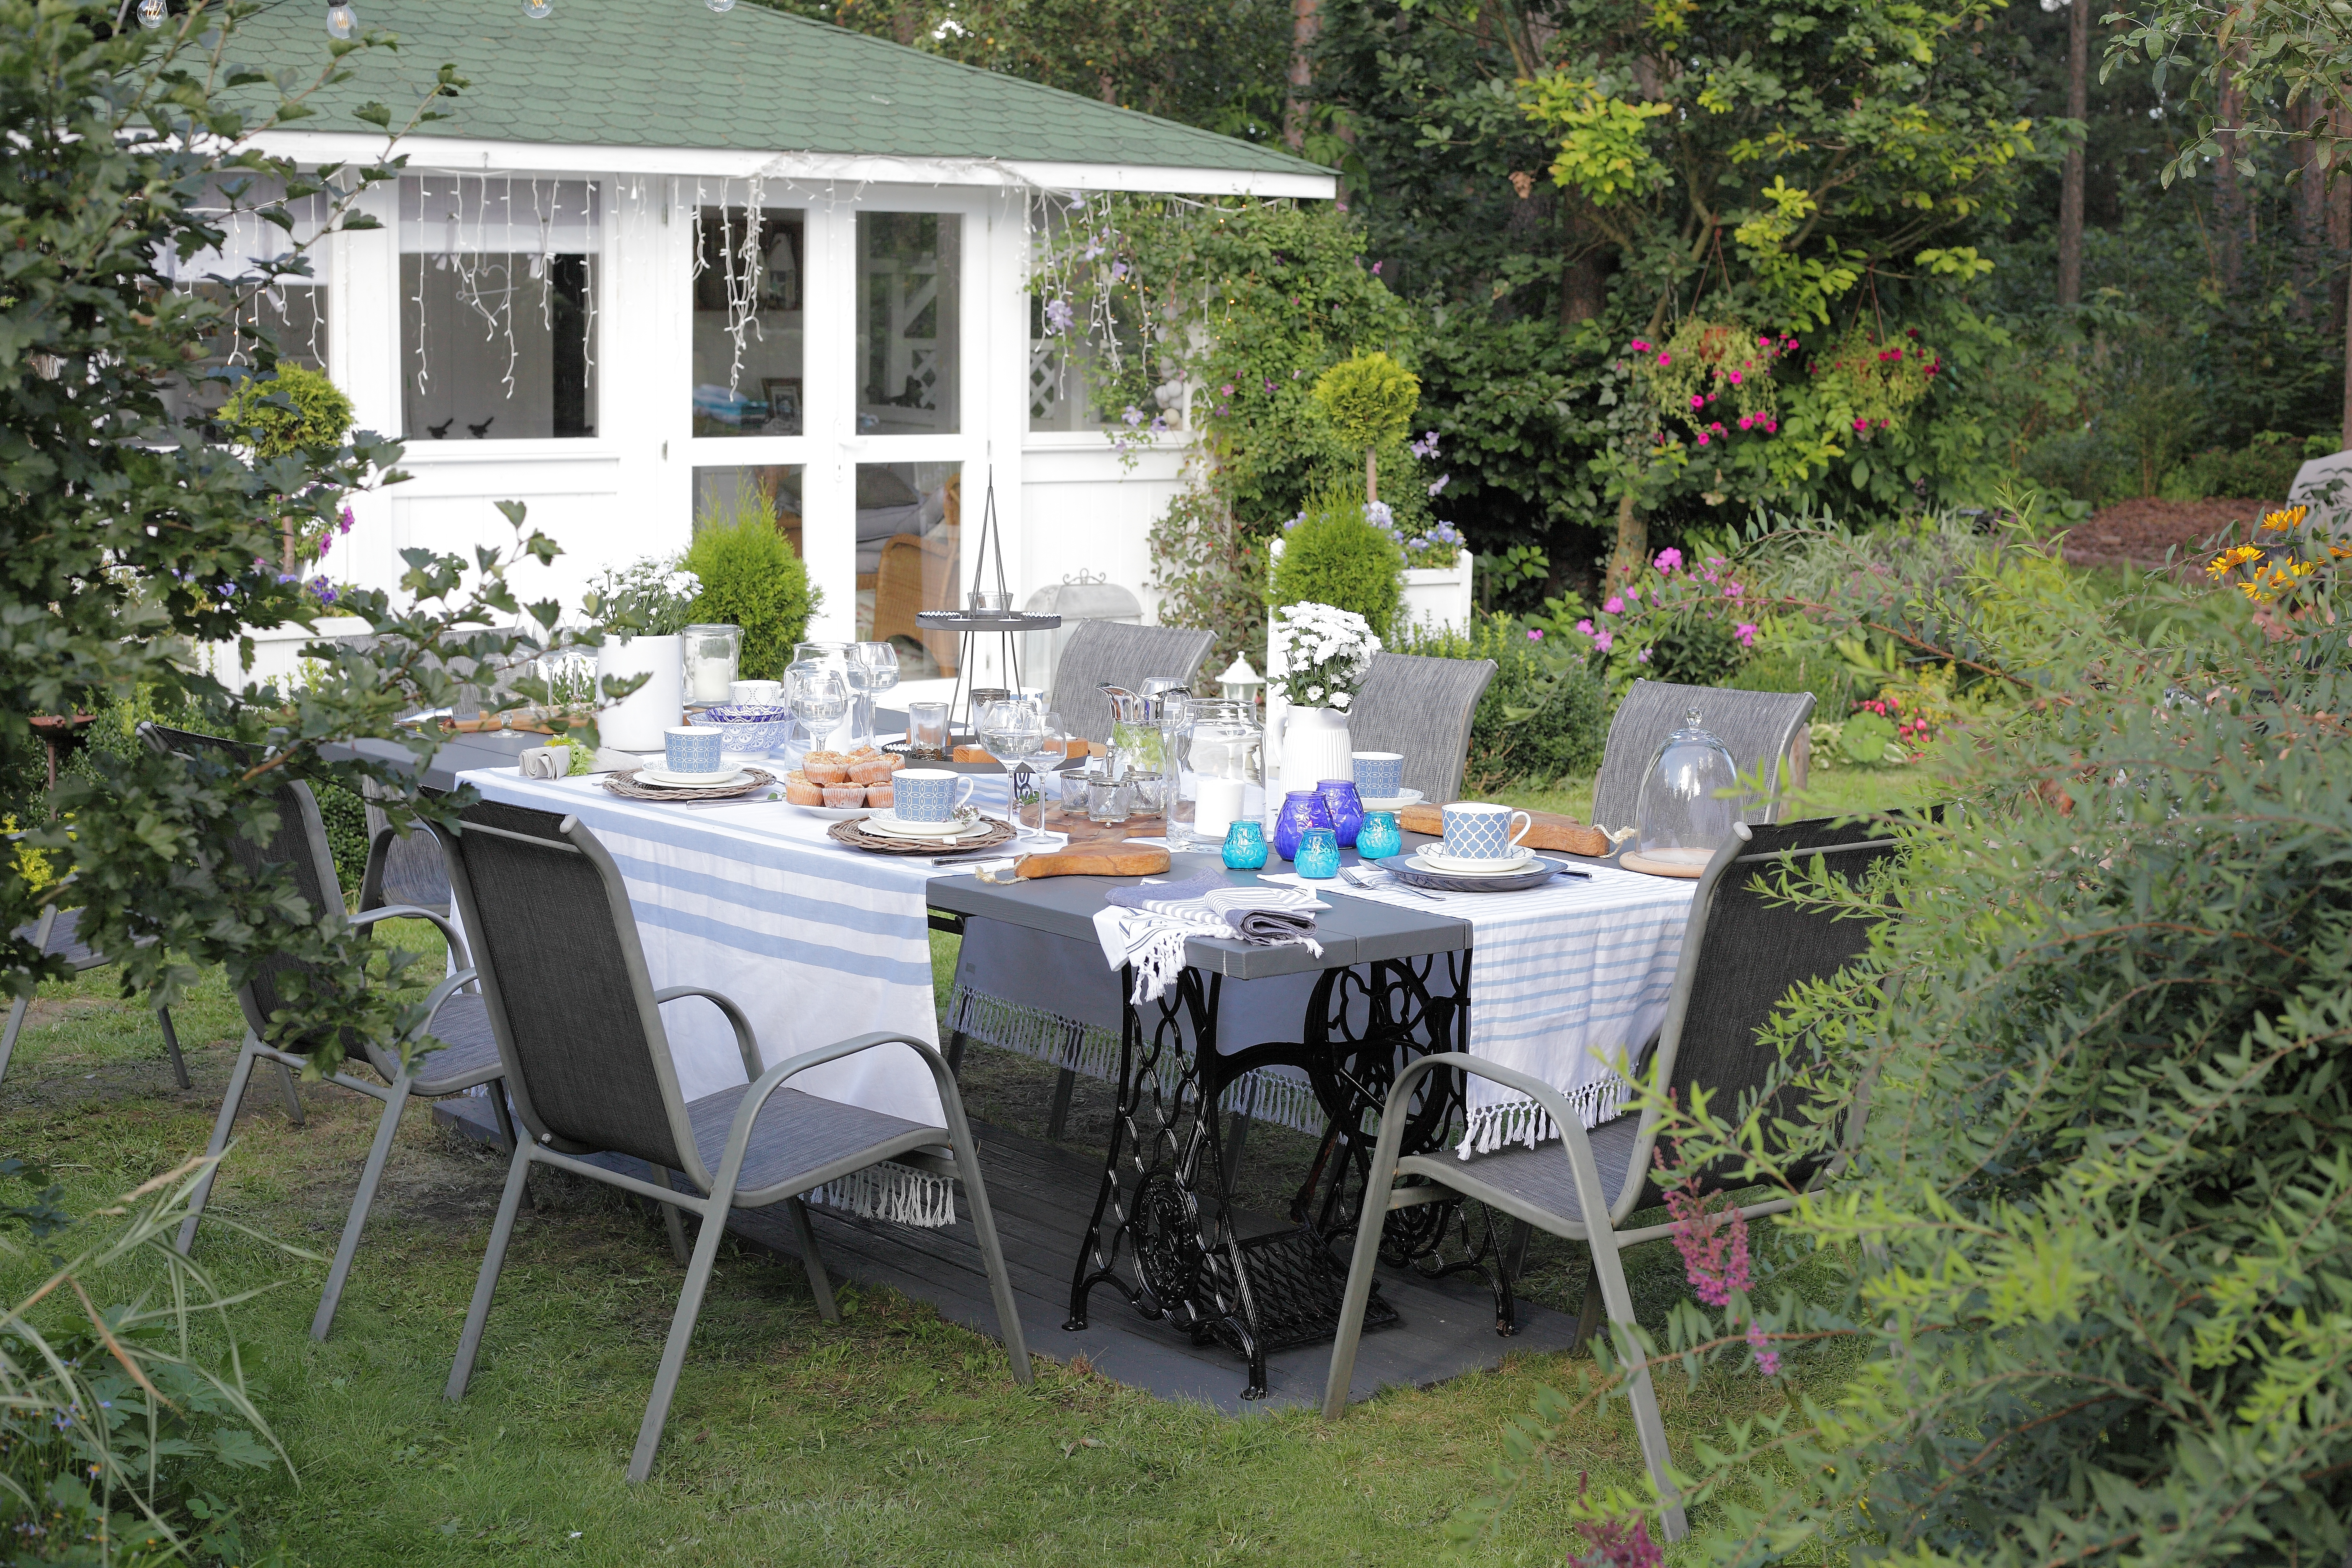 jak samodzielnie zrobić stół do ogrodu